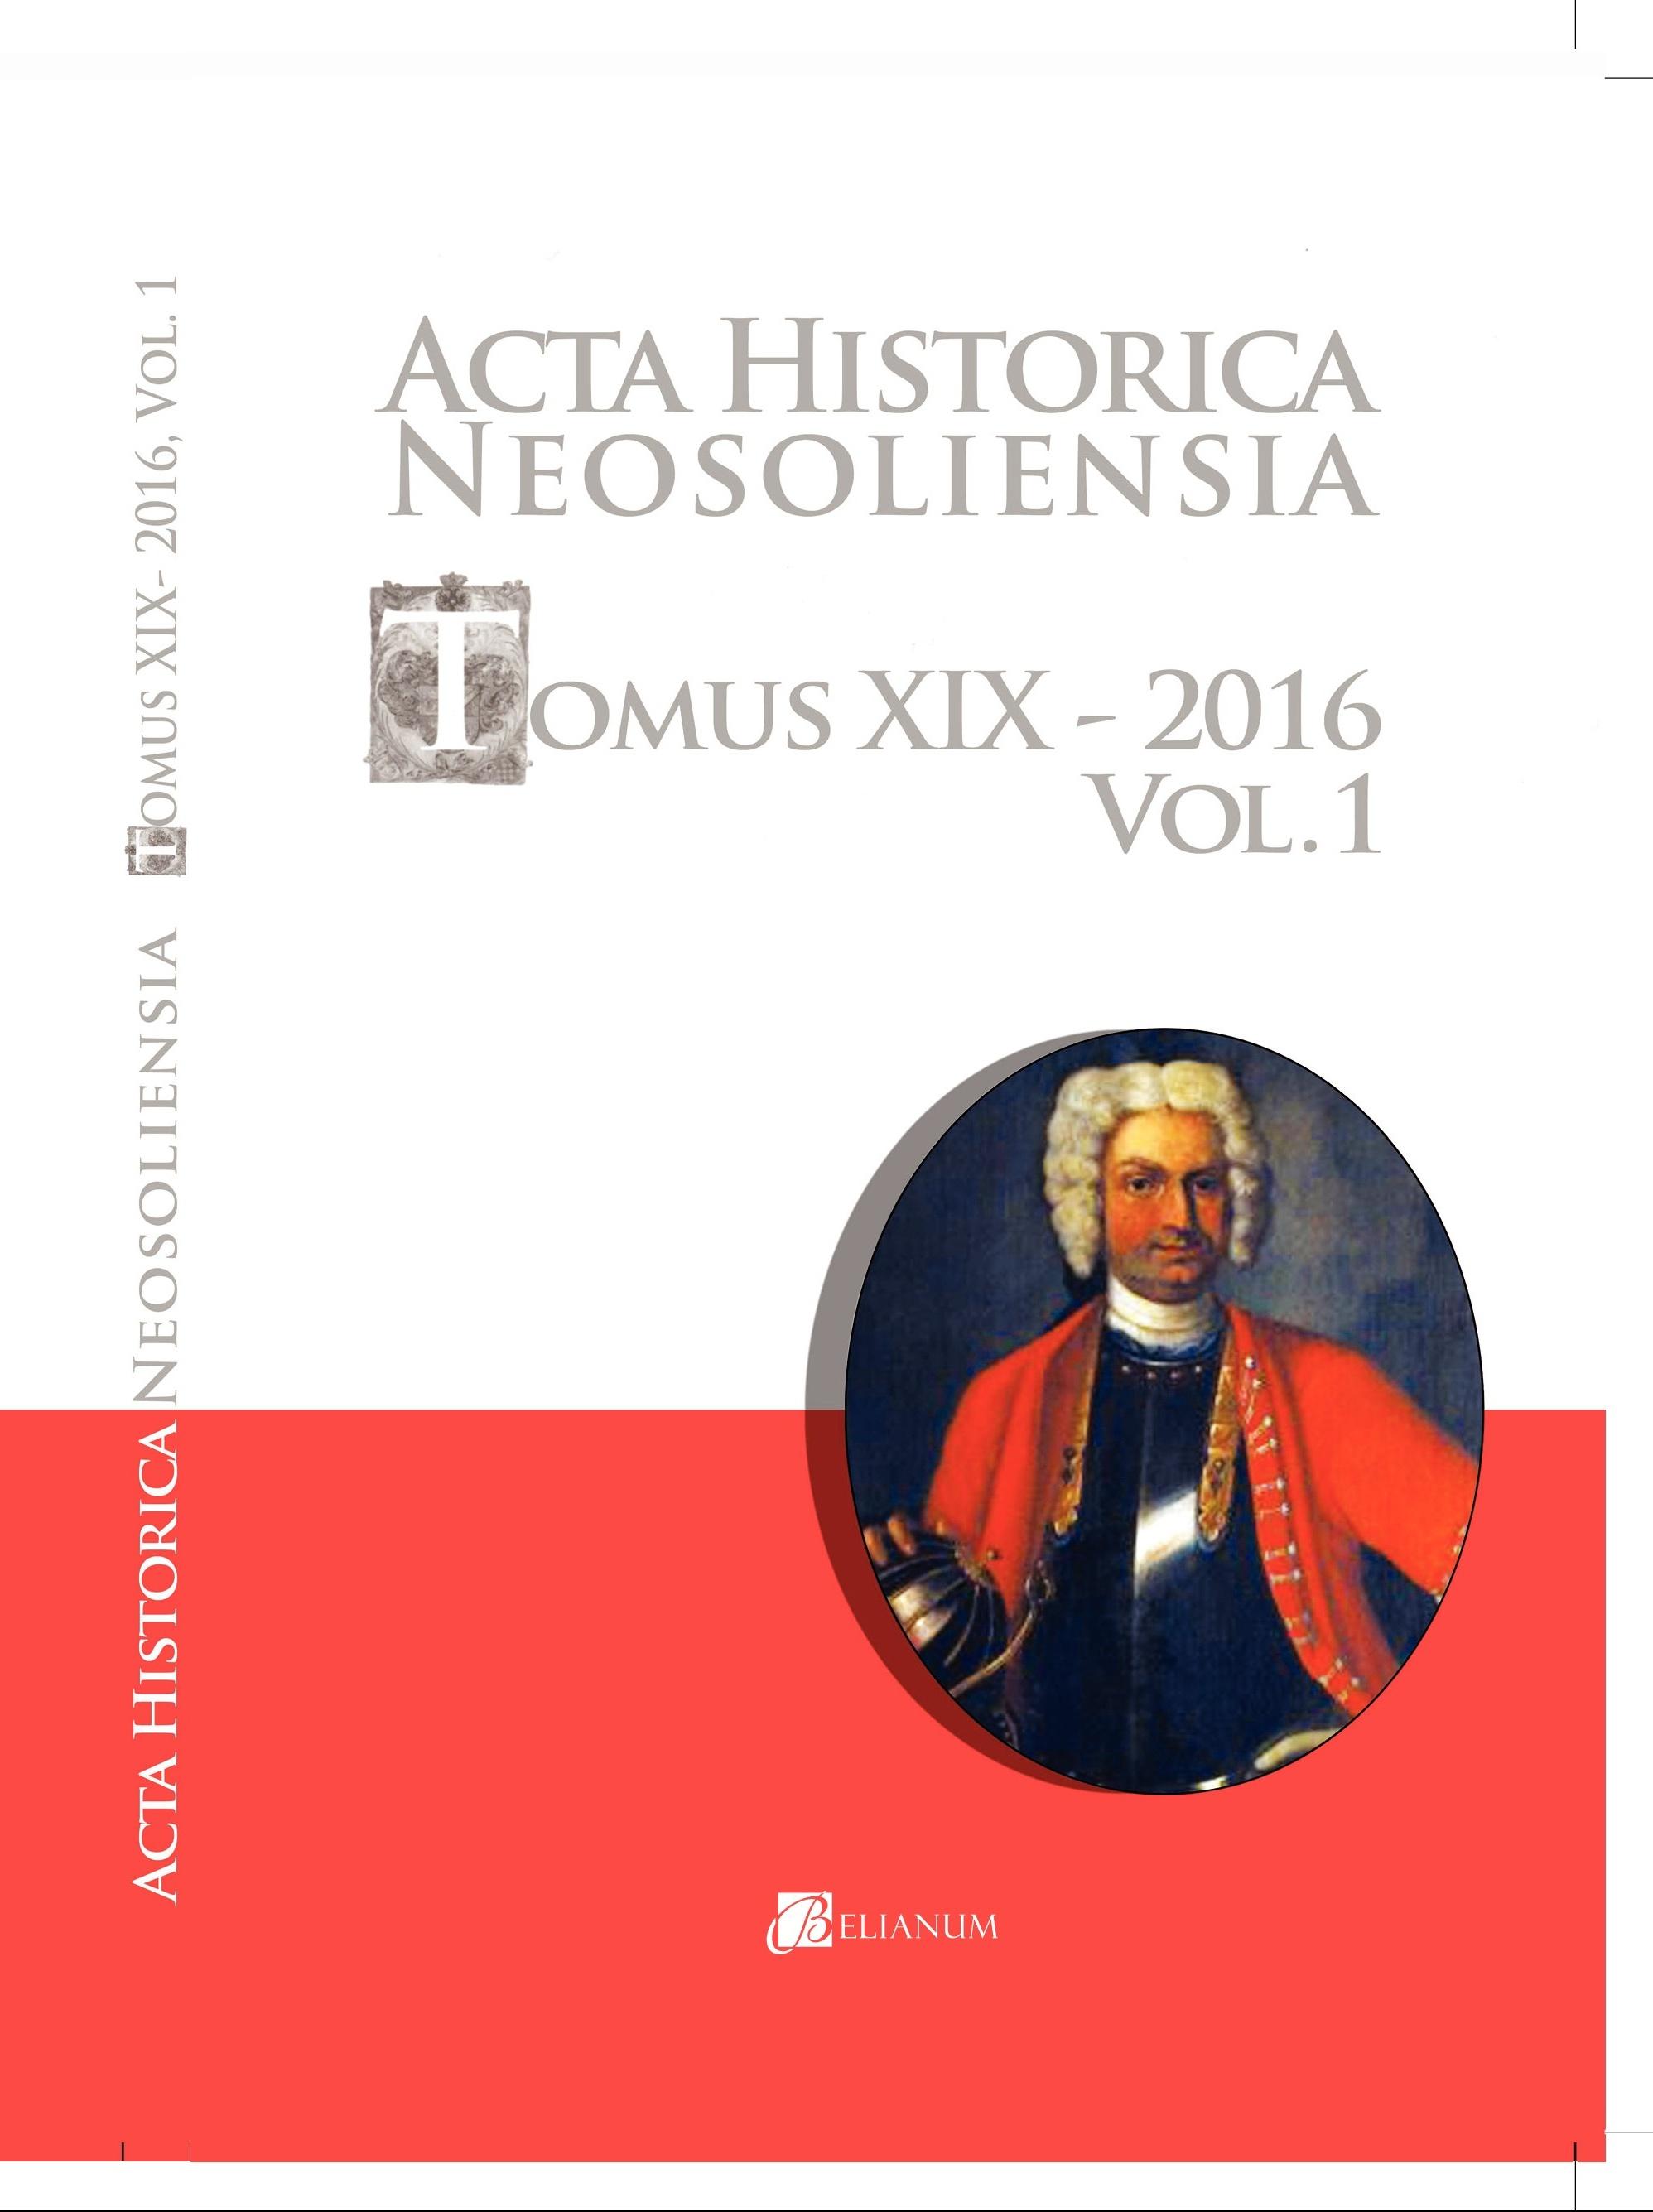 Acta historica neosoliensia, Tomus XIX - 2016, Vol. 1